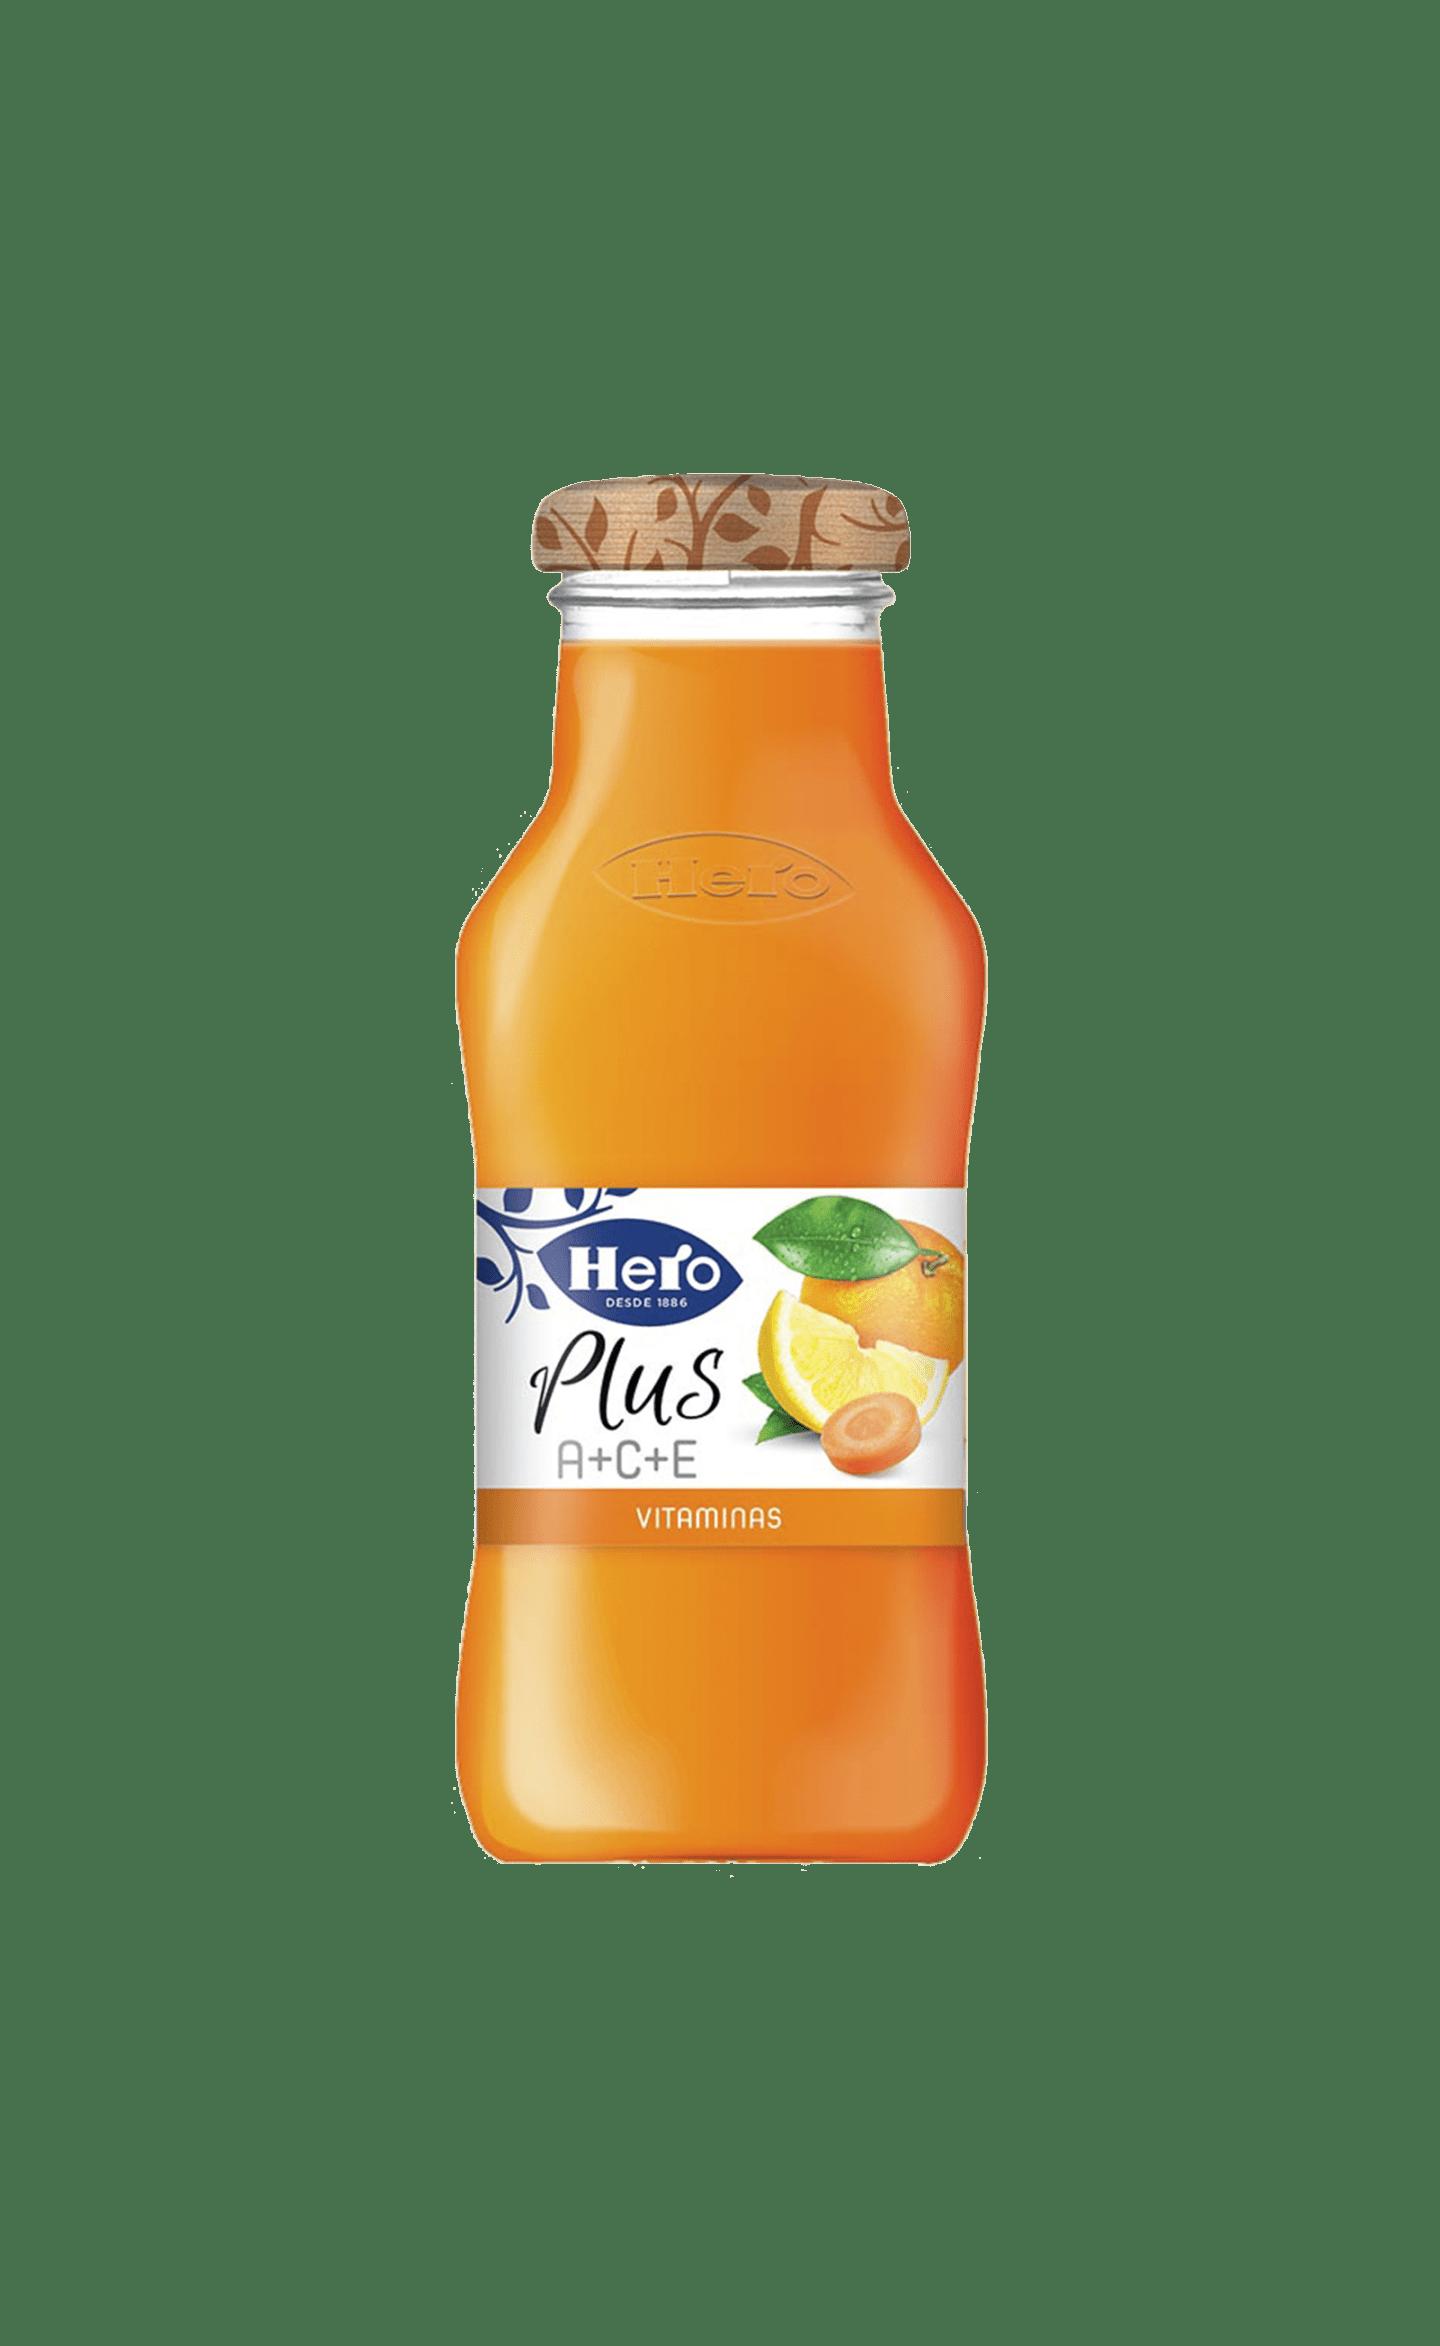 Néctar de vitaminas Hero Plus A+C+E